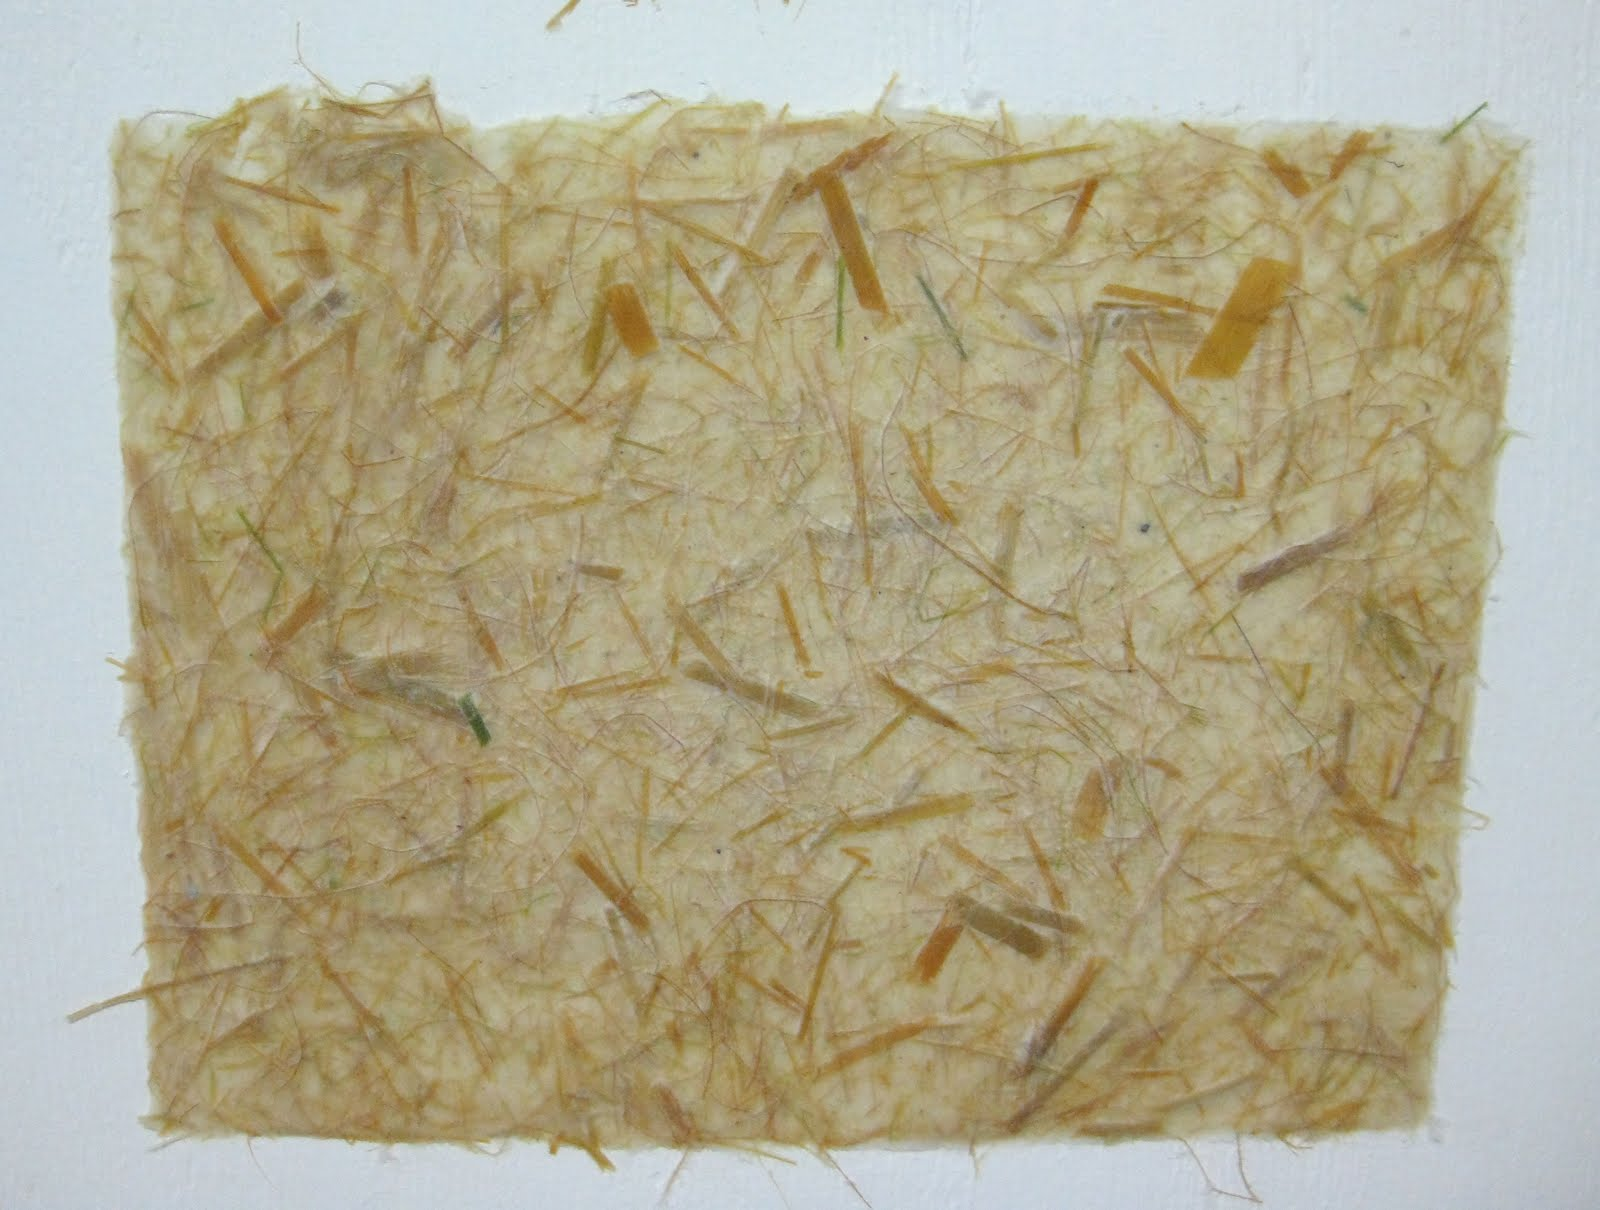 http://4.bp.blogspot.com/_SYY5mekVko4/TLcz2CqSjWI/AAAAAAAAAkQ/s_kz-CDjyM8/s1600/pampasgrassandpawlownia+paper.jpg